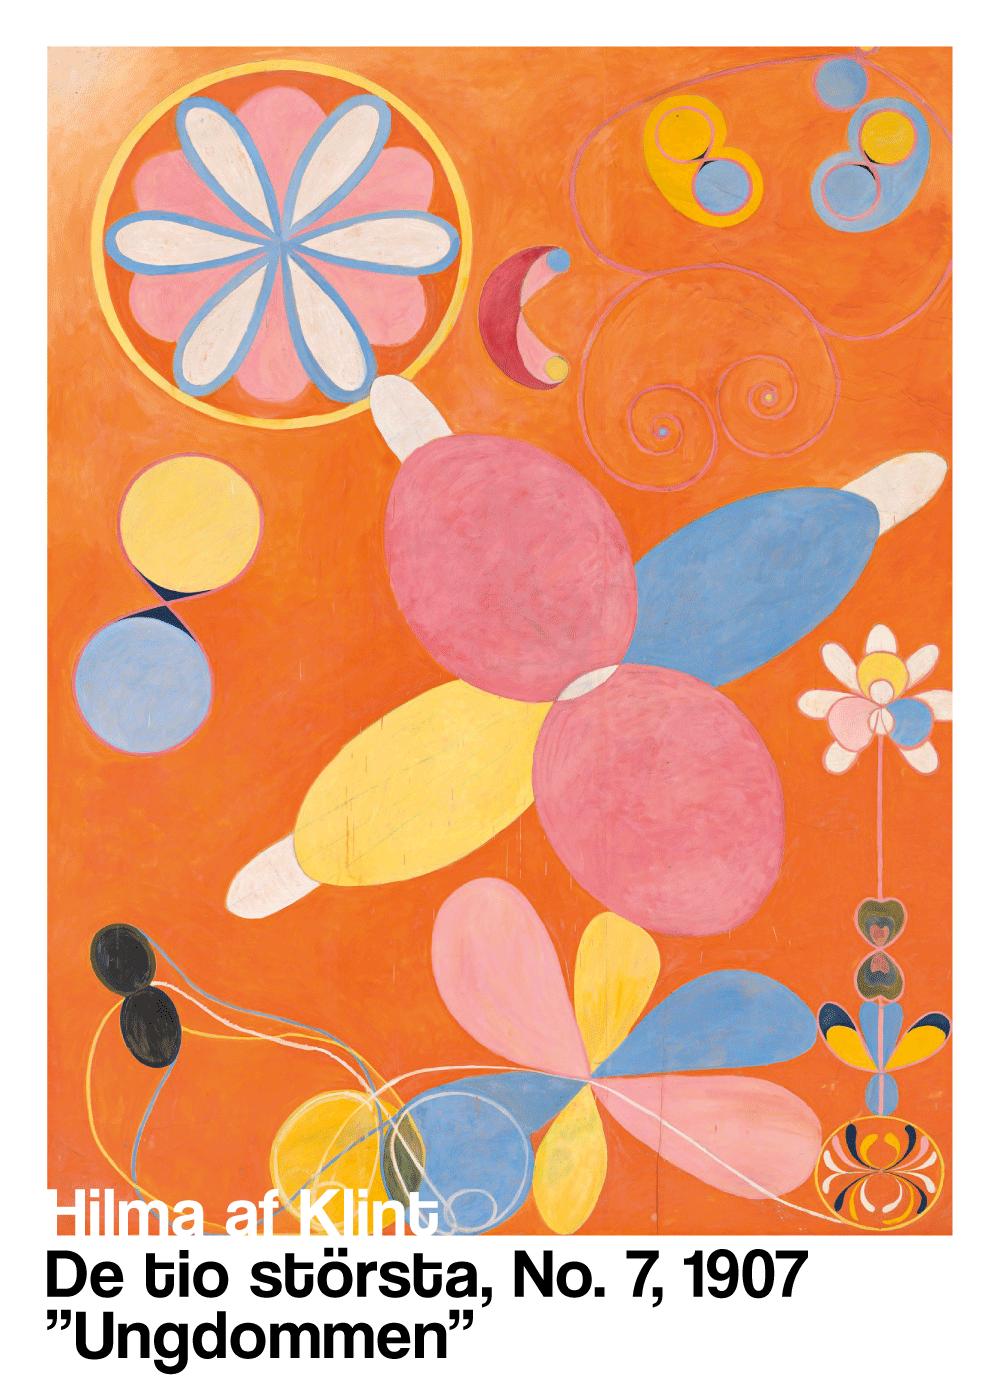 Billede af Ungdommen - Hilma af Klint kunstplakat